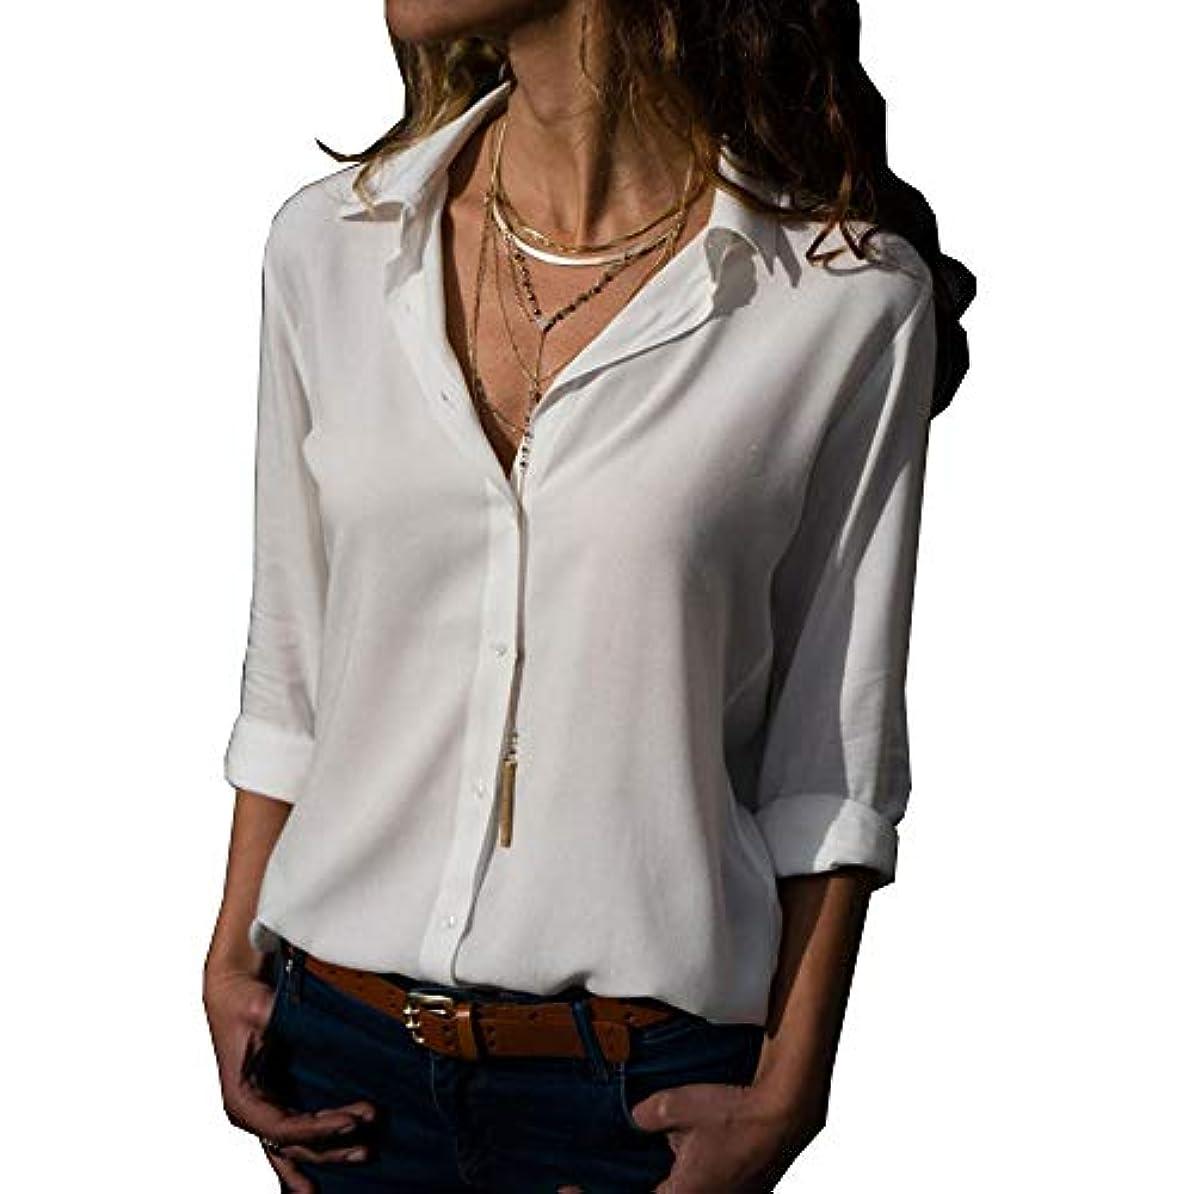 絶え間ない大陸困惑MIFAN ルーズシャツ、トップス&Tシャツ、プラスサイズ、トップス&ブラウス、シフォンブラウス、女性トップス、シフォンシャツ